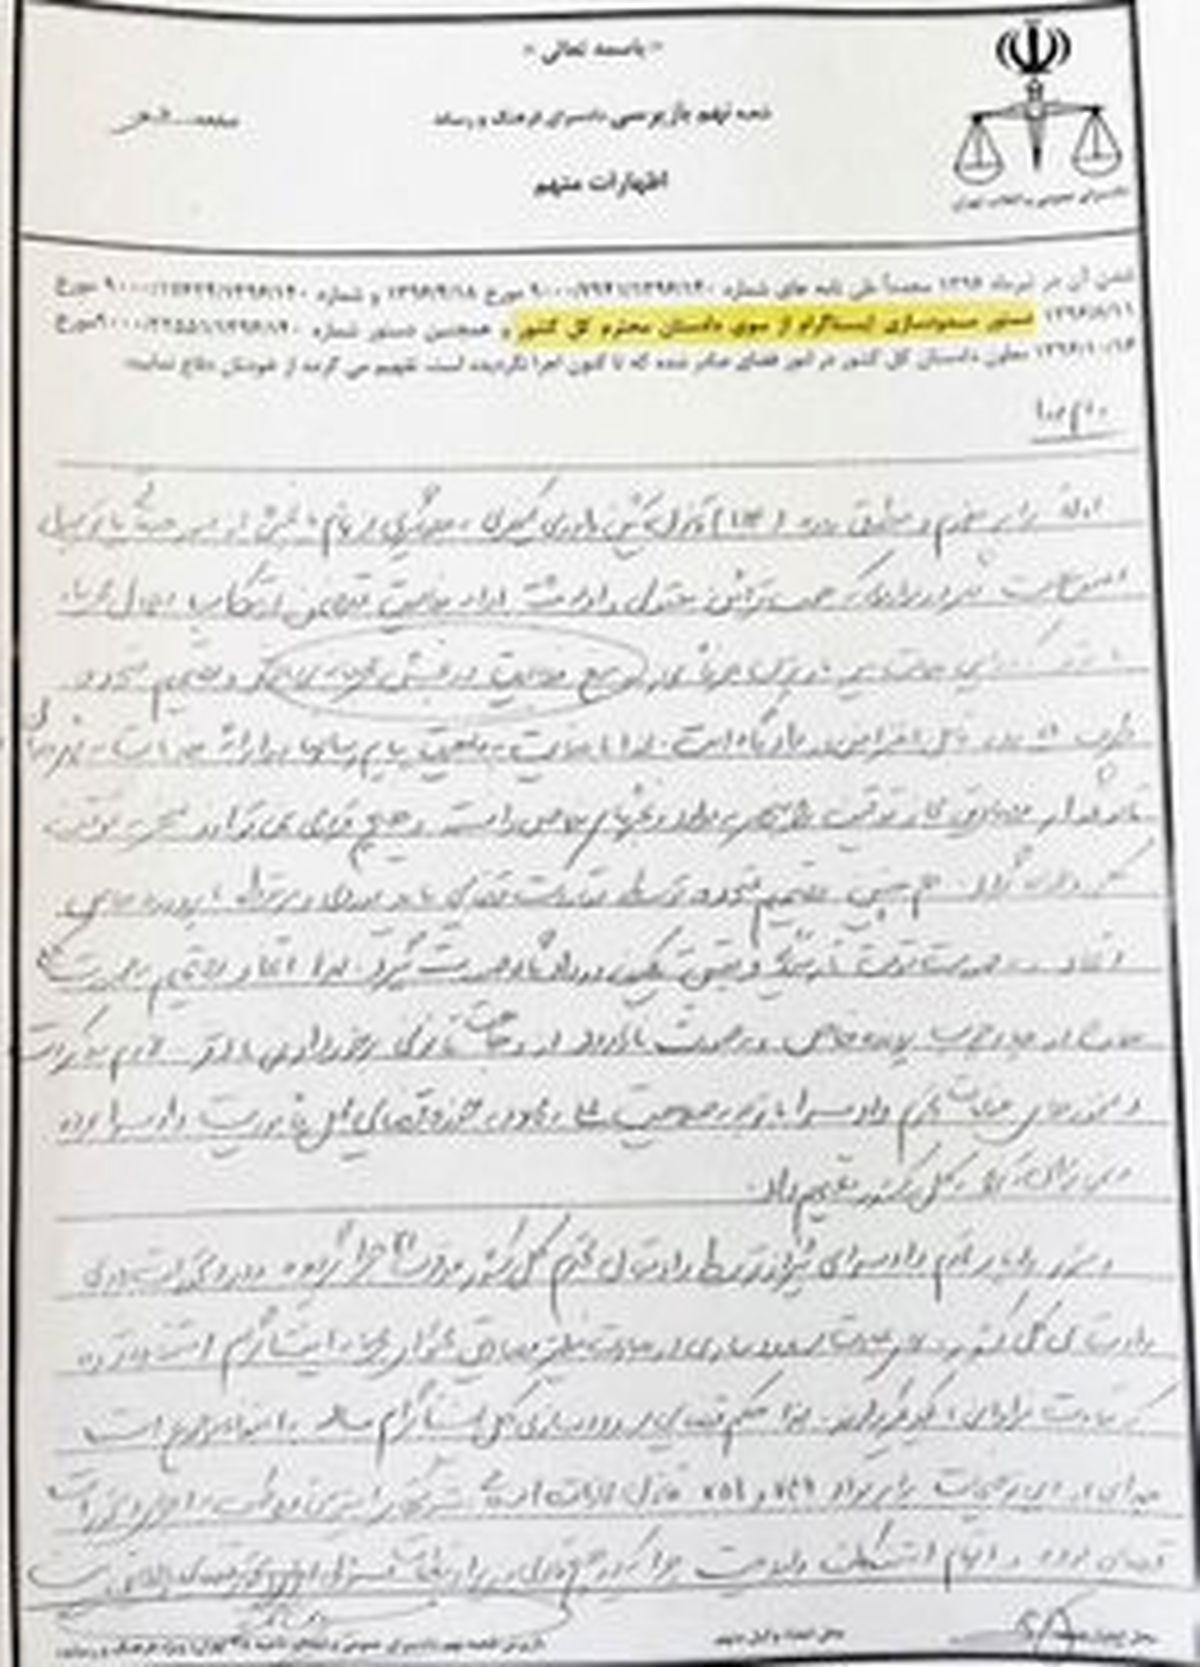 وزیر ارتباطات بازجویی شد + عکس دیده نشده